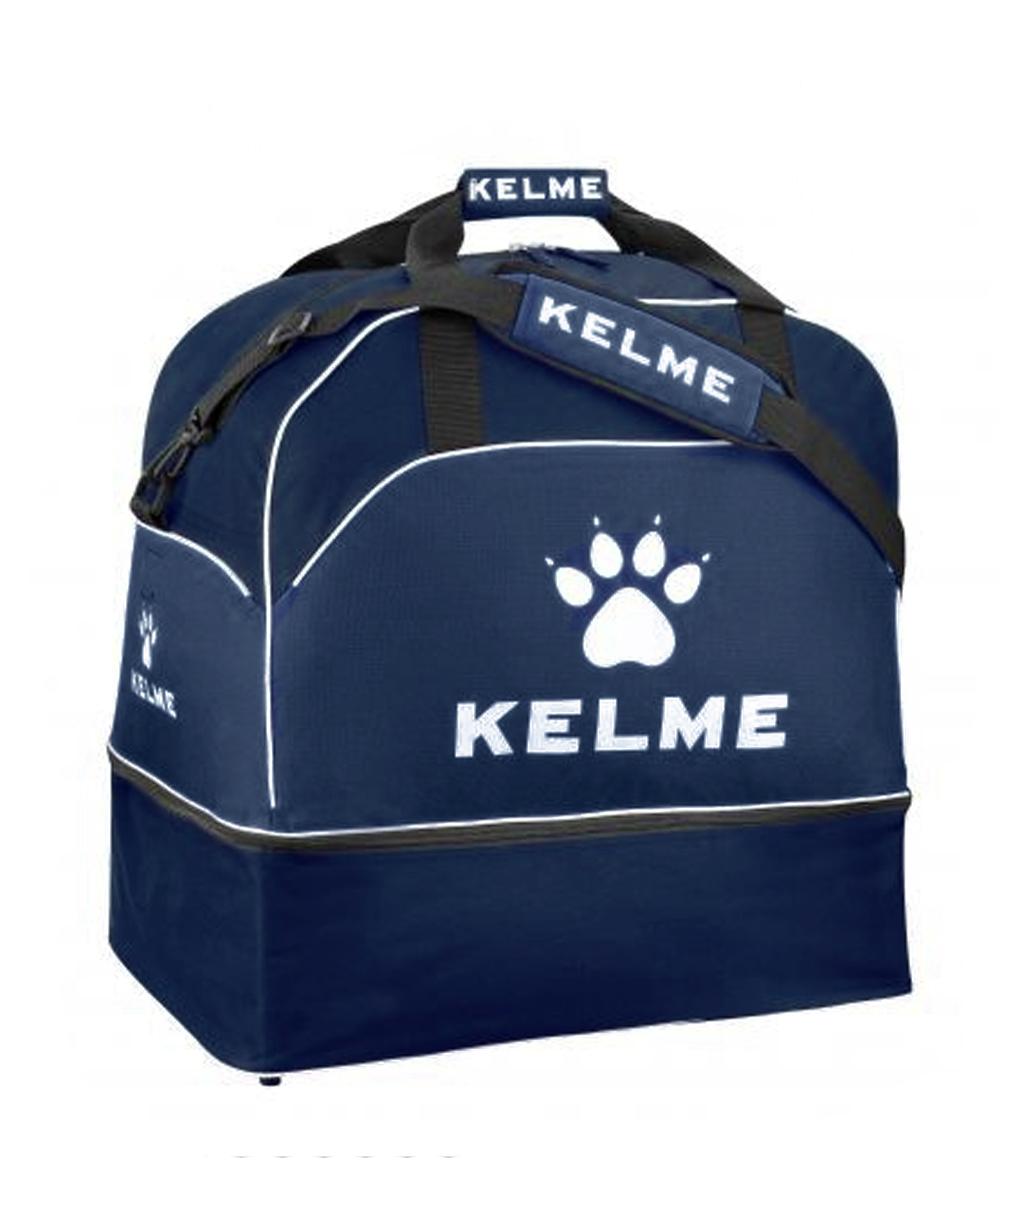 Купить сумку Kelme Training Bag 94920-107 в интернет-магазине